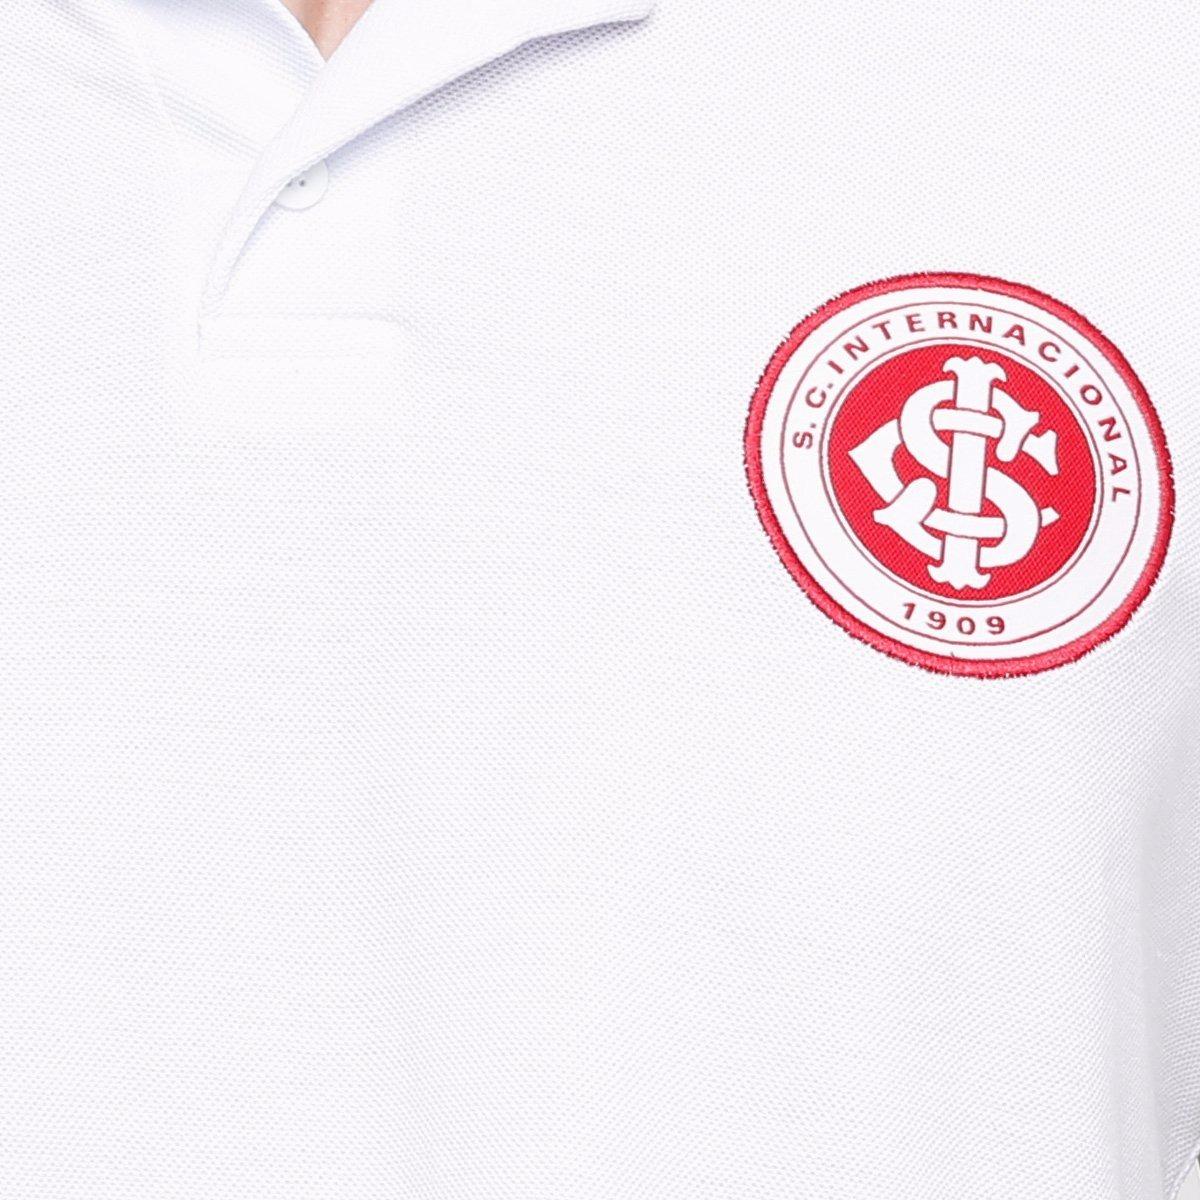 camisa polo internacional masculino - promoção. Carregando zoom. 55f27df870689